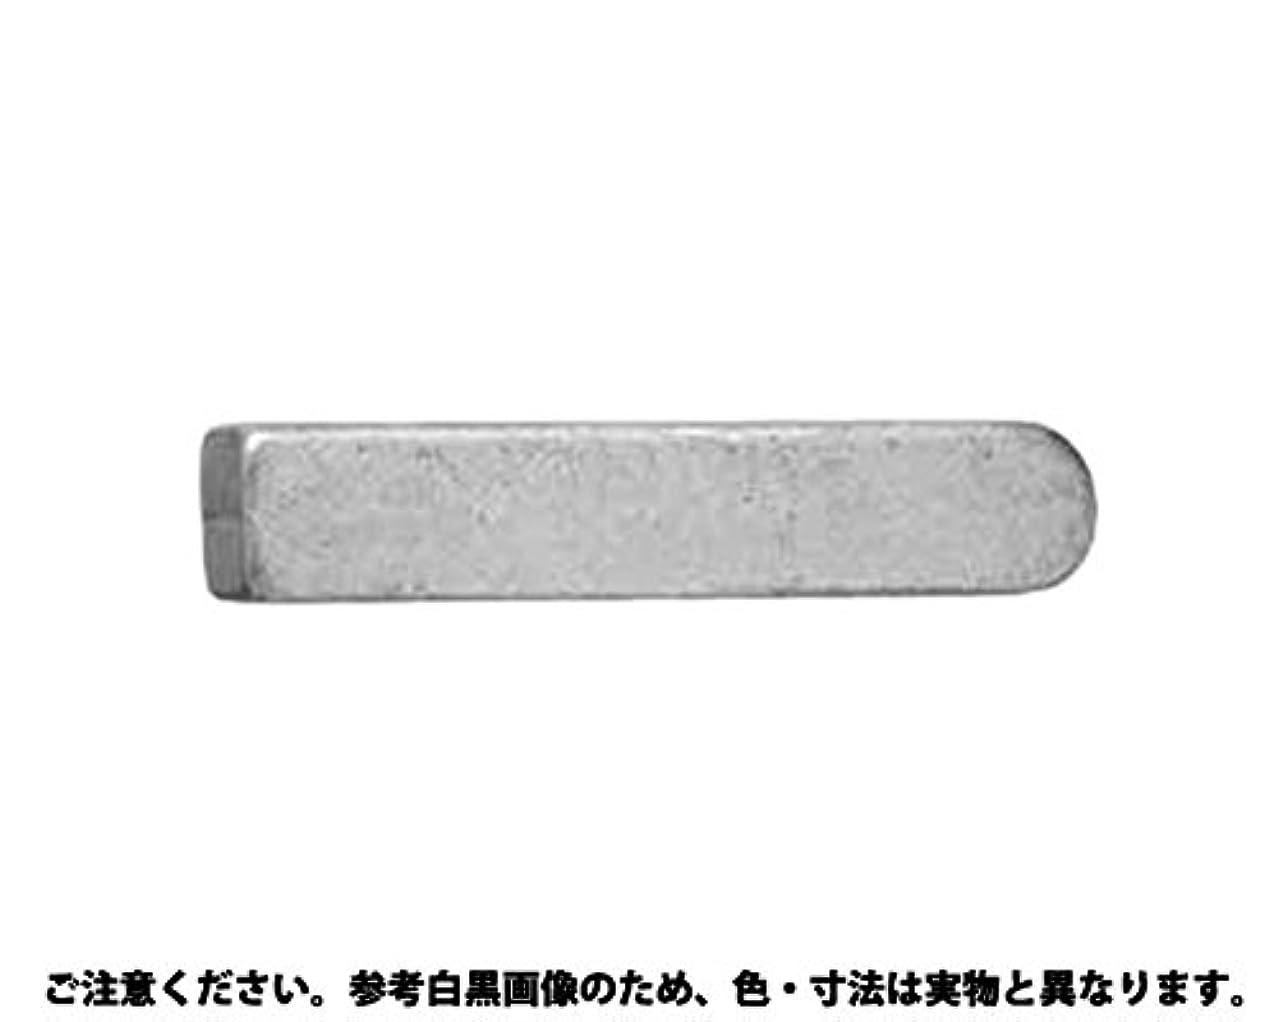 素晴らしさ日付付き地雷原新JIS 片丸キー(姫野製) 材質(S45C) 規格(8X7X35) 入数(100)